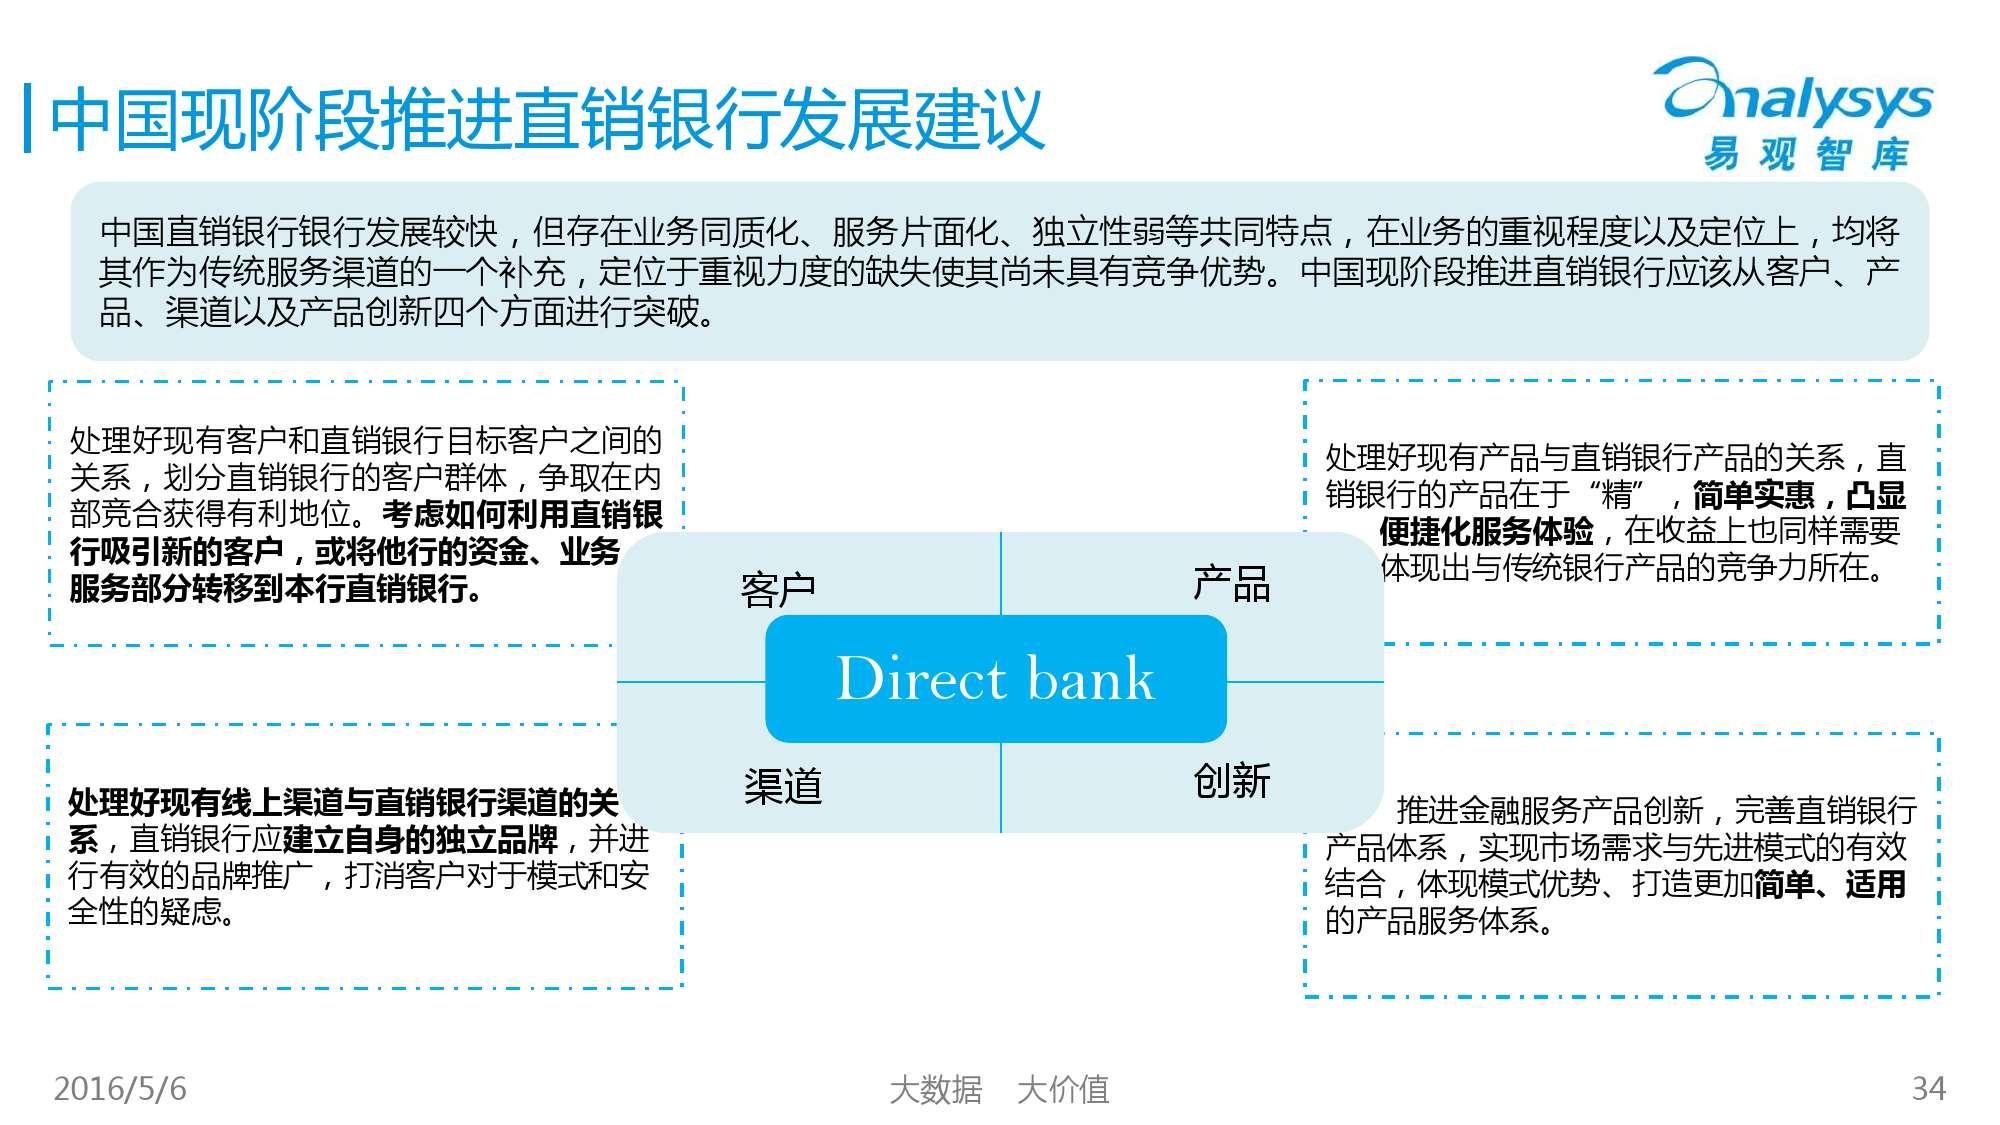 2016年中国直销银行市场专题研究报告_000034